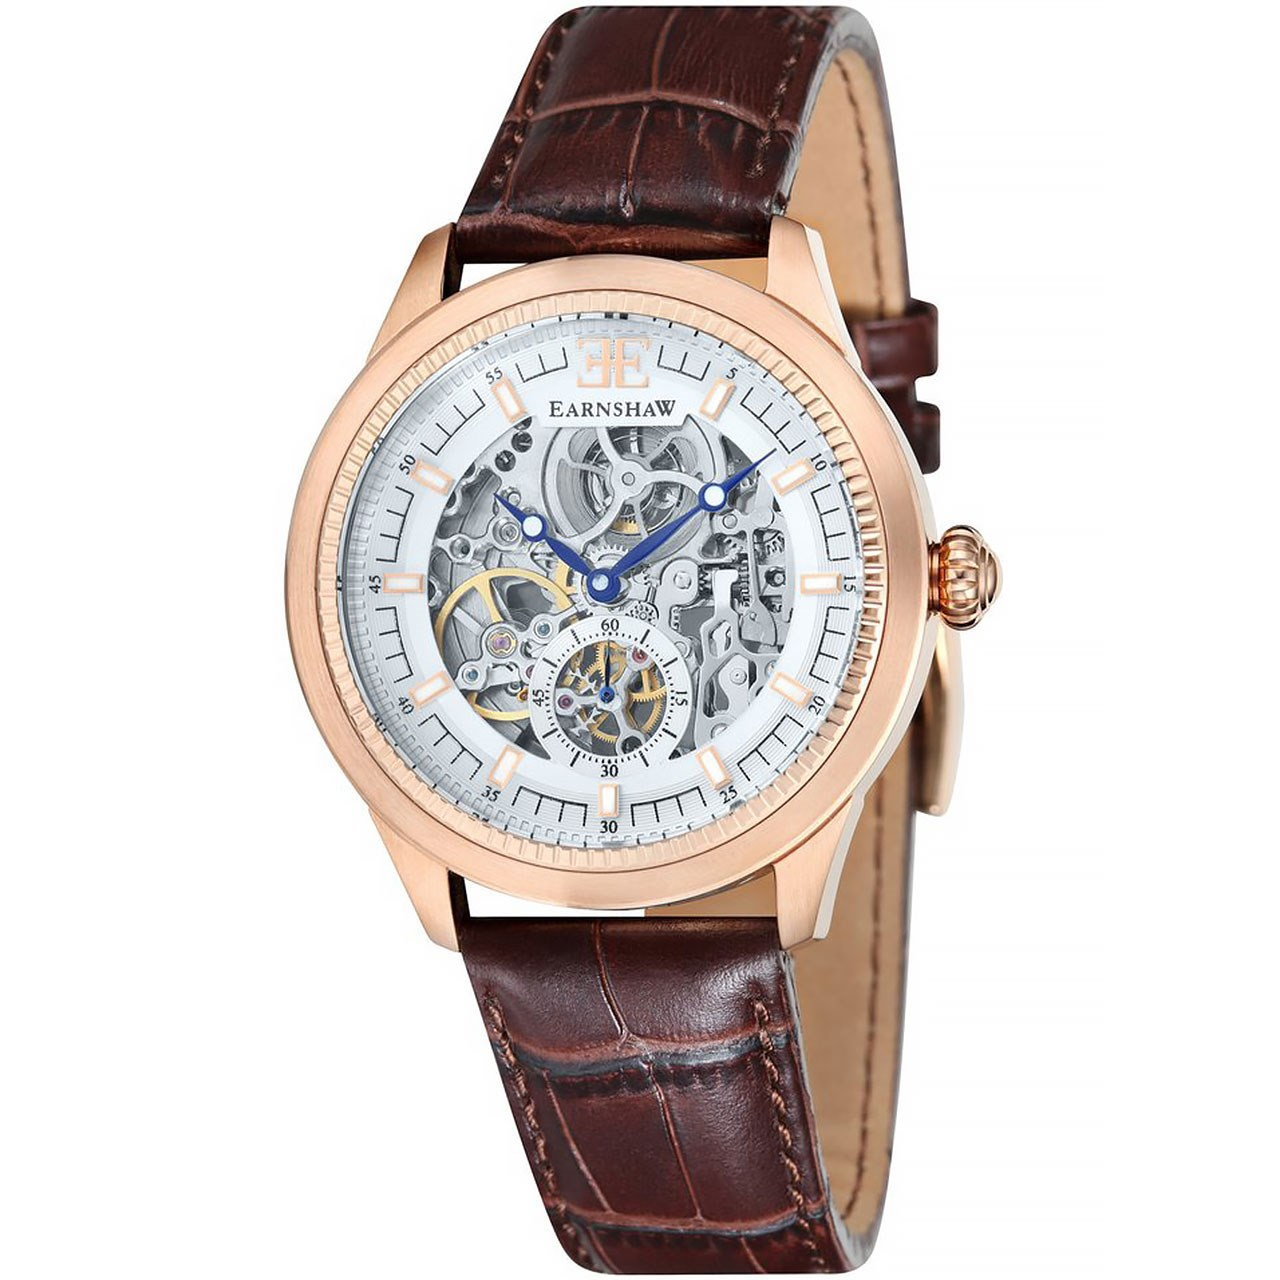 ساعت مچی عقربه ای مردانه ارنشا مدل ES-8039-04 6